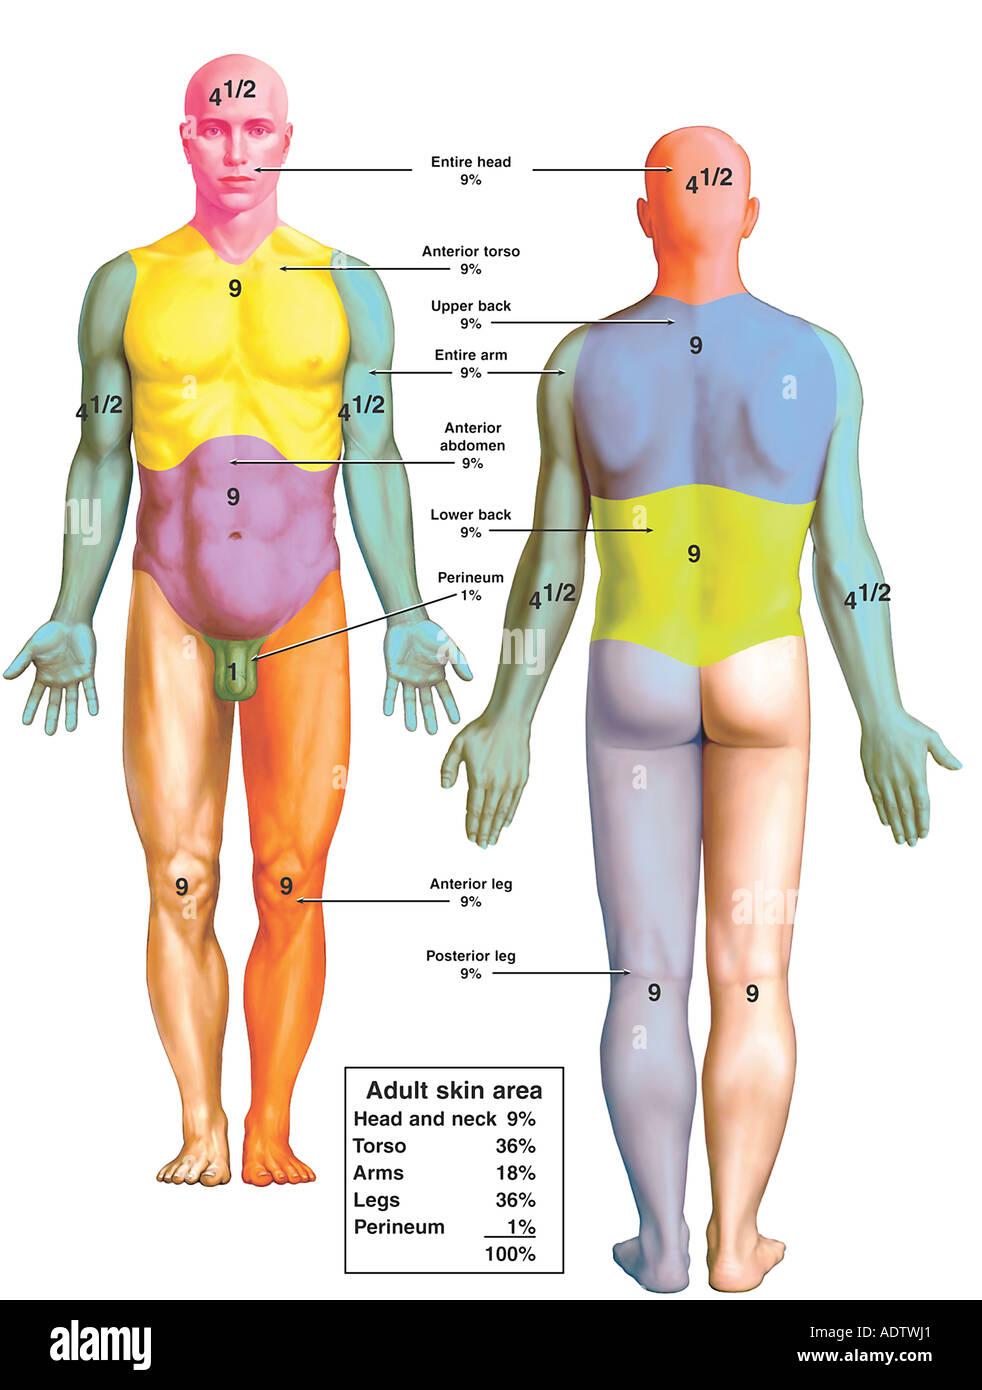 Regel der Neunen für Körperbereiche Stockbild